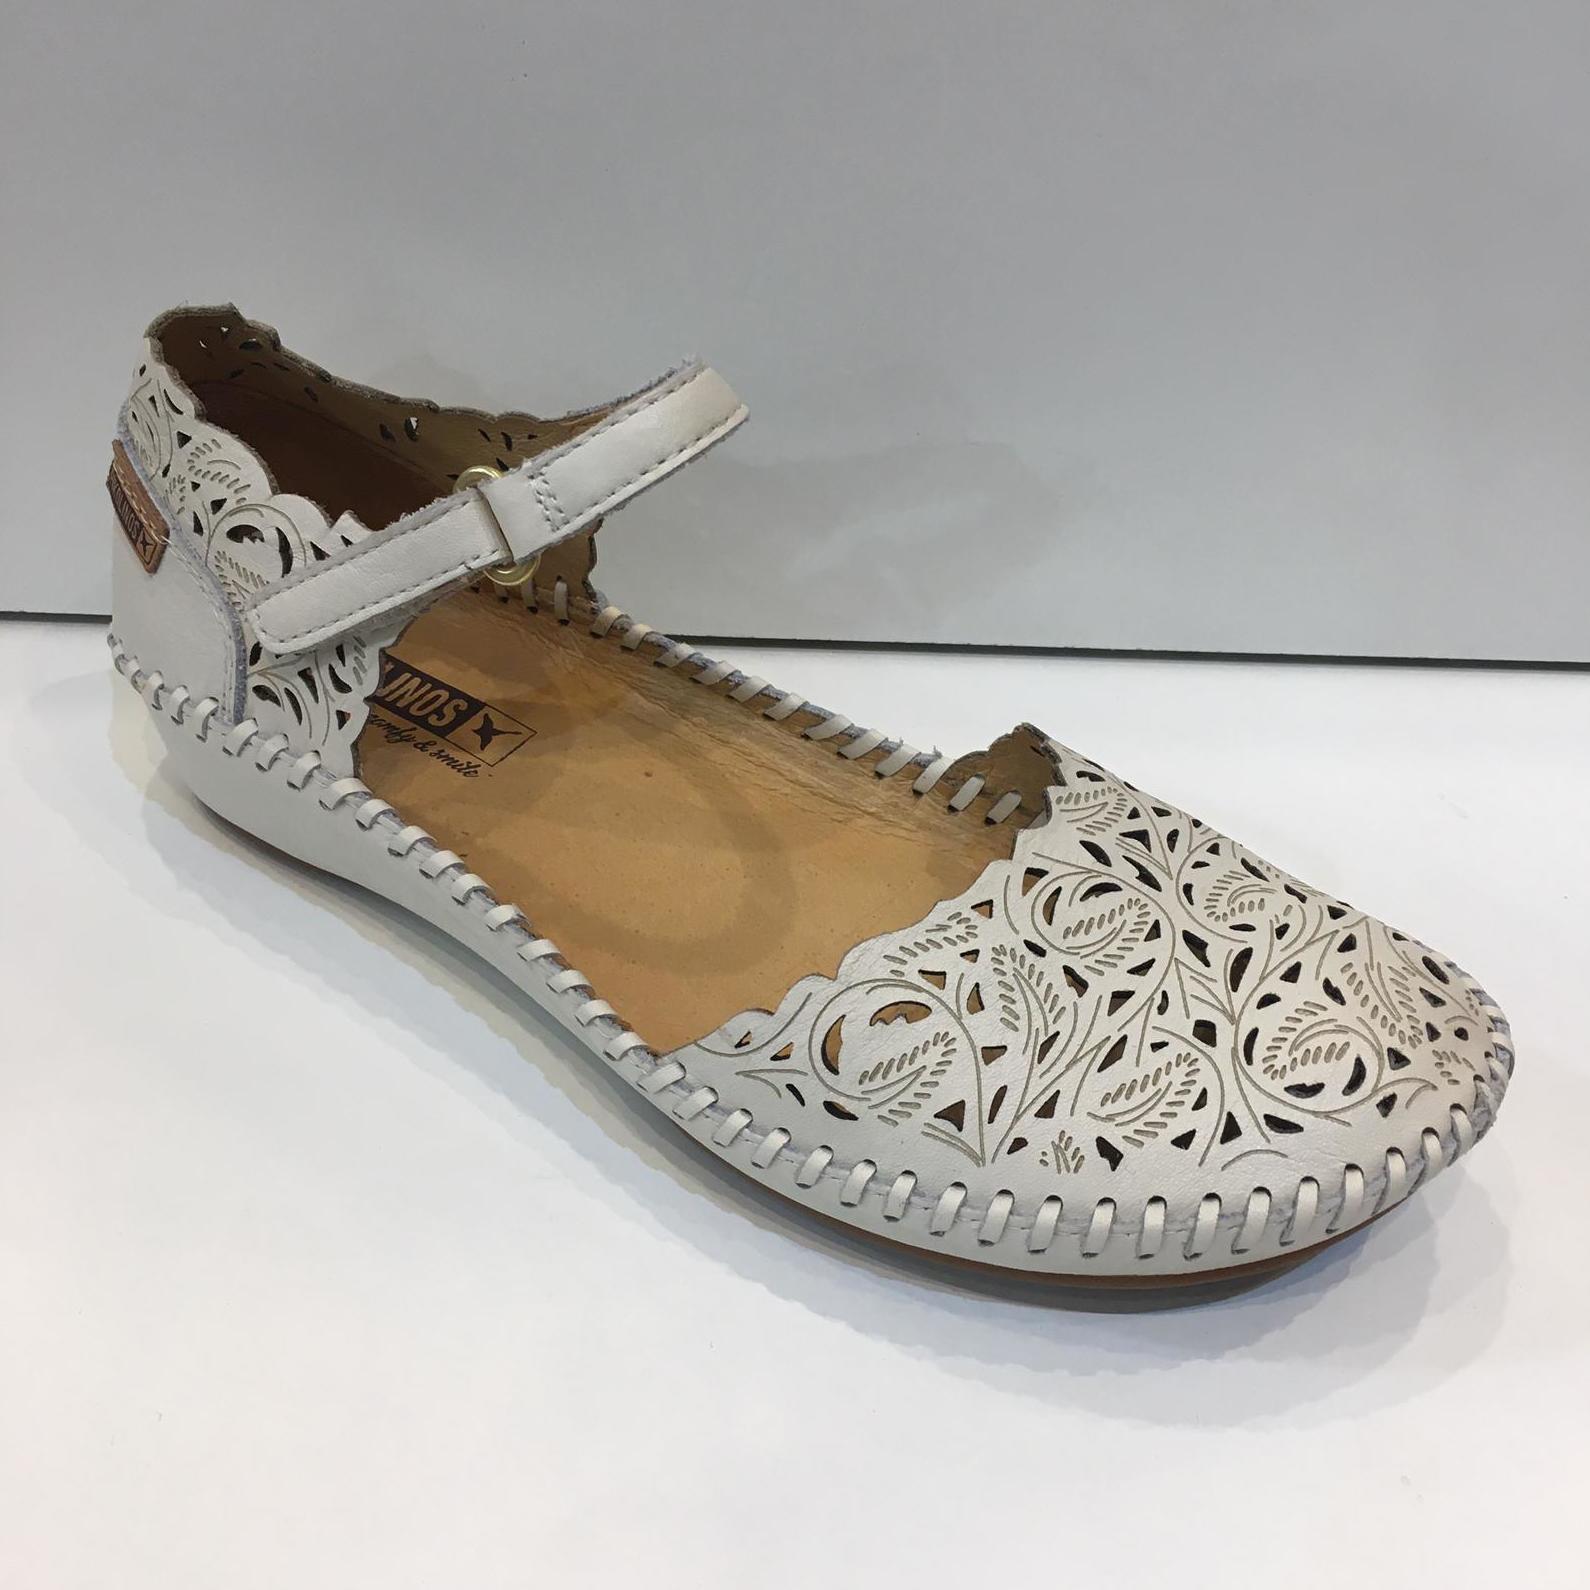 Sandànlia de dona tapada, de la marca Pikolinos, de pell, planta de làtex i sola de crepe, NUMERACIÓ ESPECIAL FINS AL 42 96€